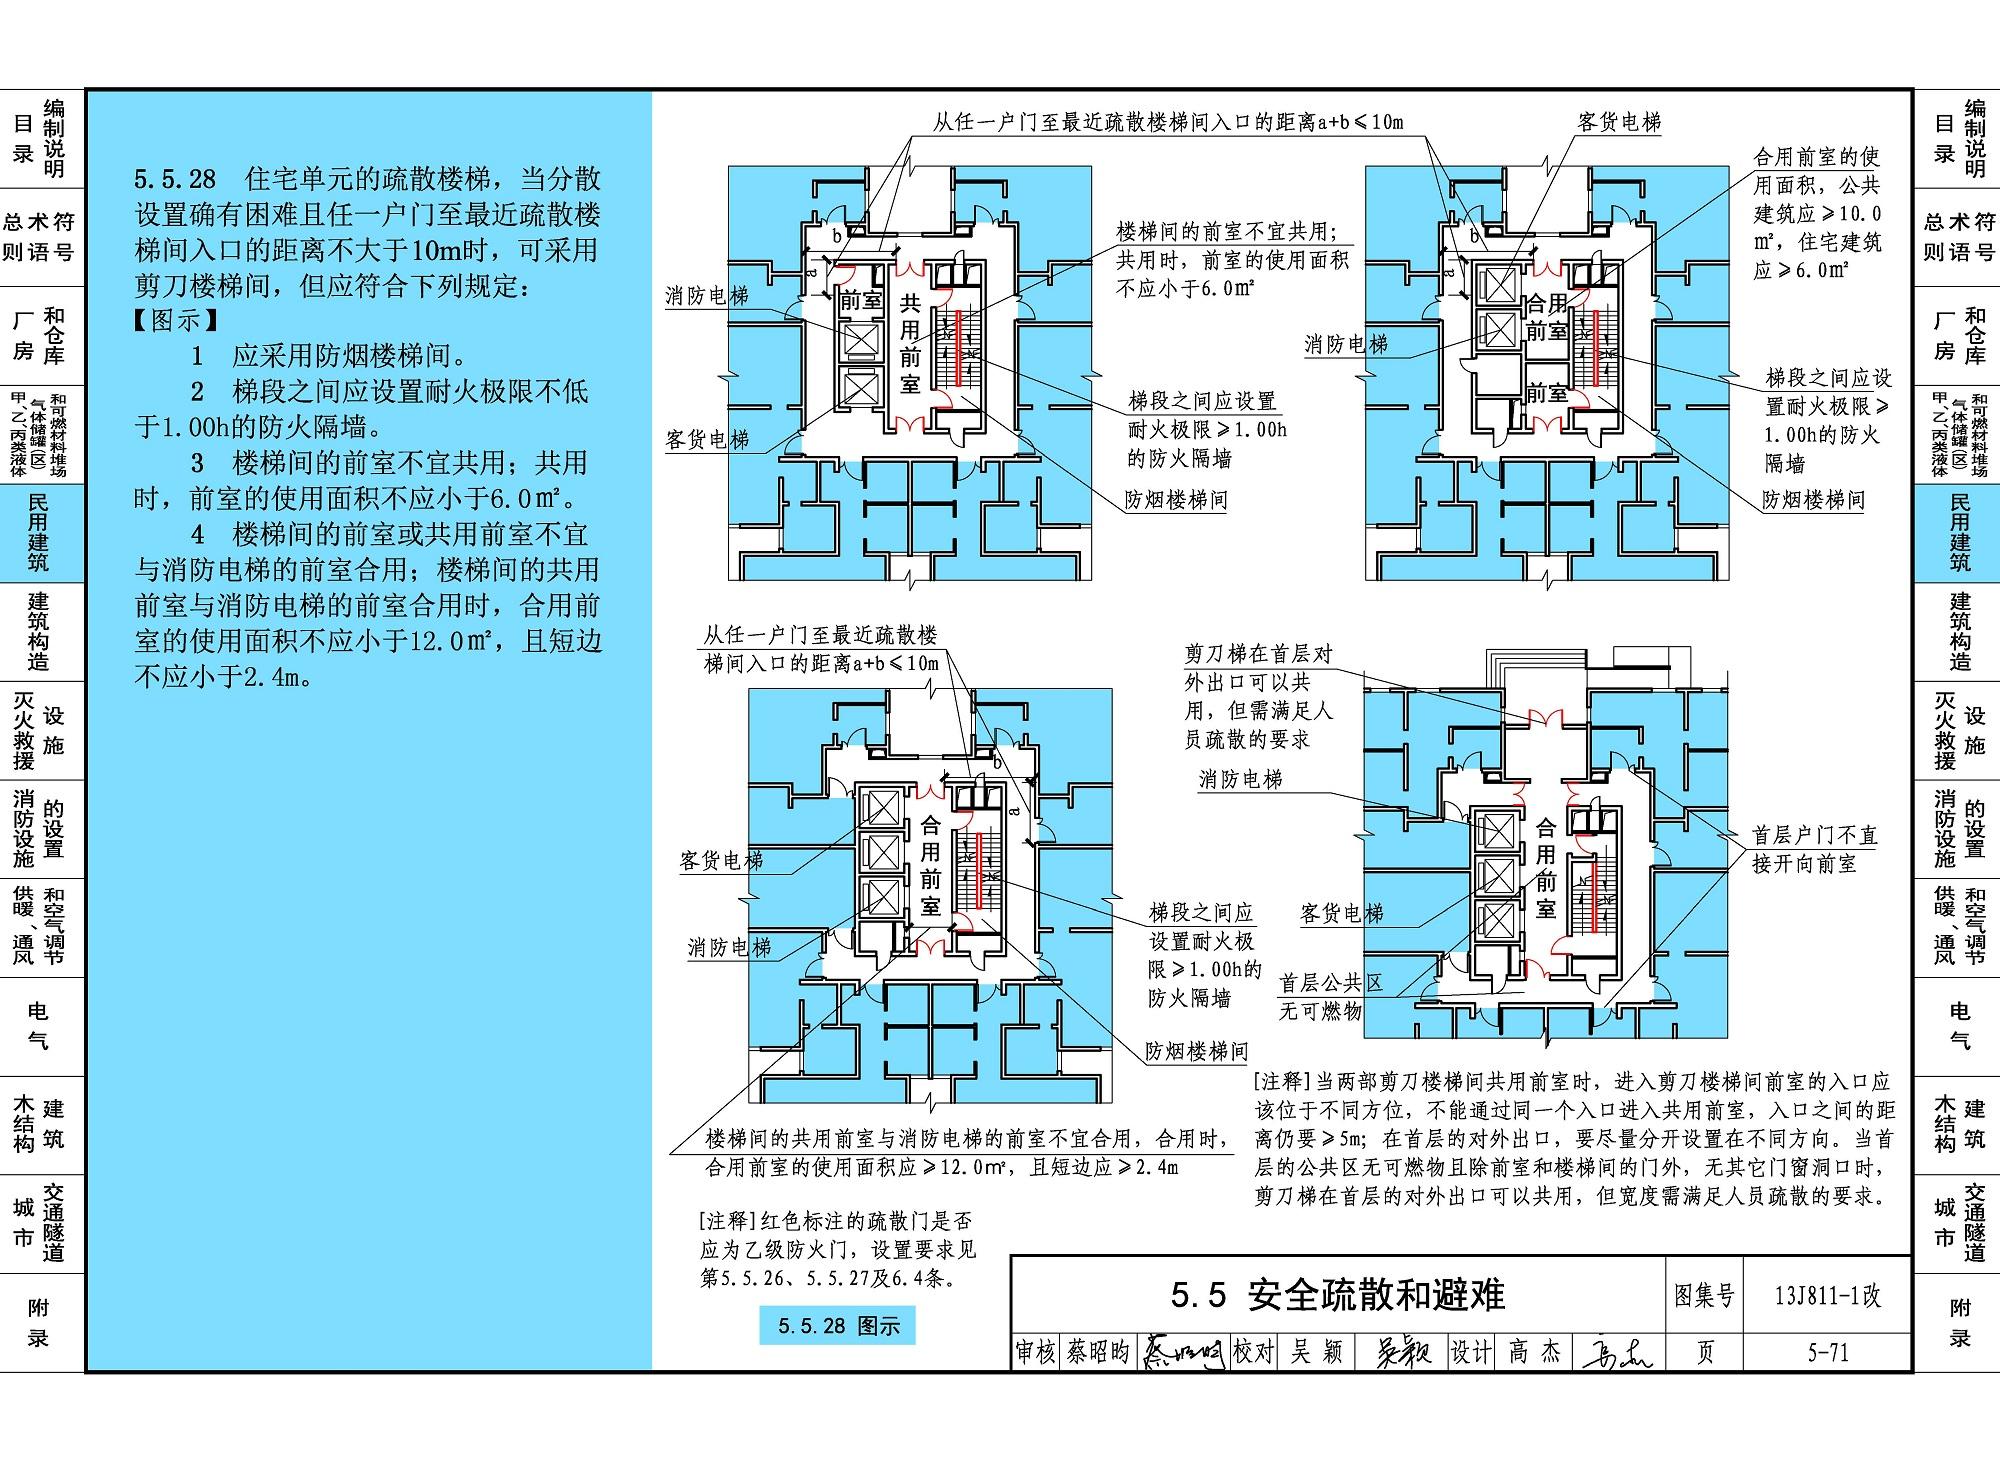 本图集收纳了《建筑设计防火规范》GB50016-2014全部条文,将其中的部分条文通过图示、表格等形式表示出来,力求简明、准确地反映规范的原意,以便于使用者更好地理解和执行规范;同时针对规范出版后收到的反馈意见,编制组会同有关审查专家对图集进行完善、补充、修改。